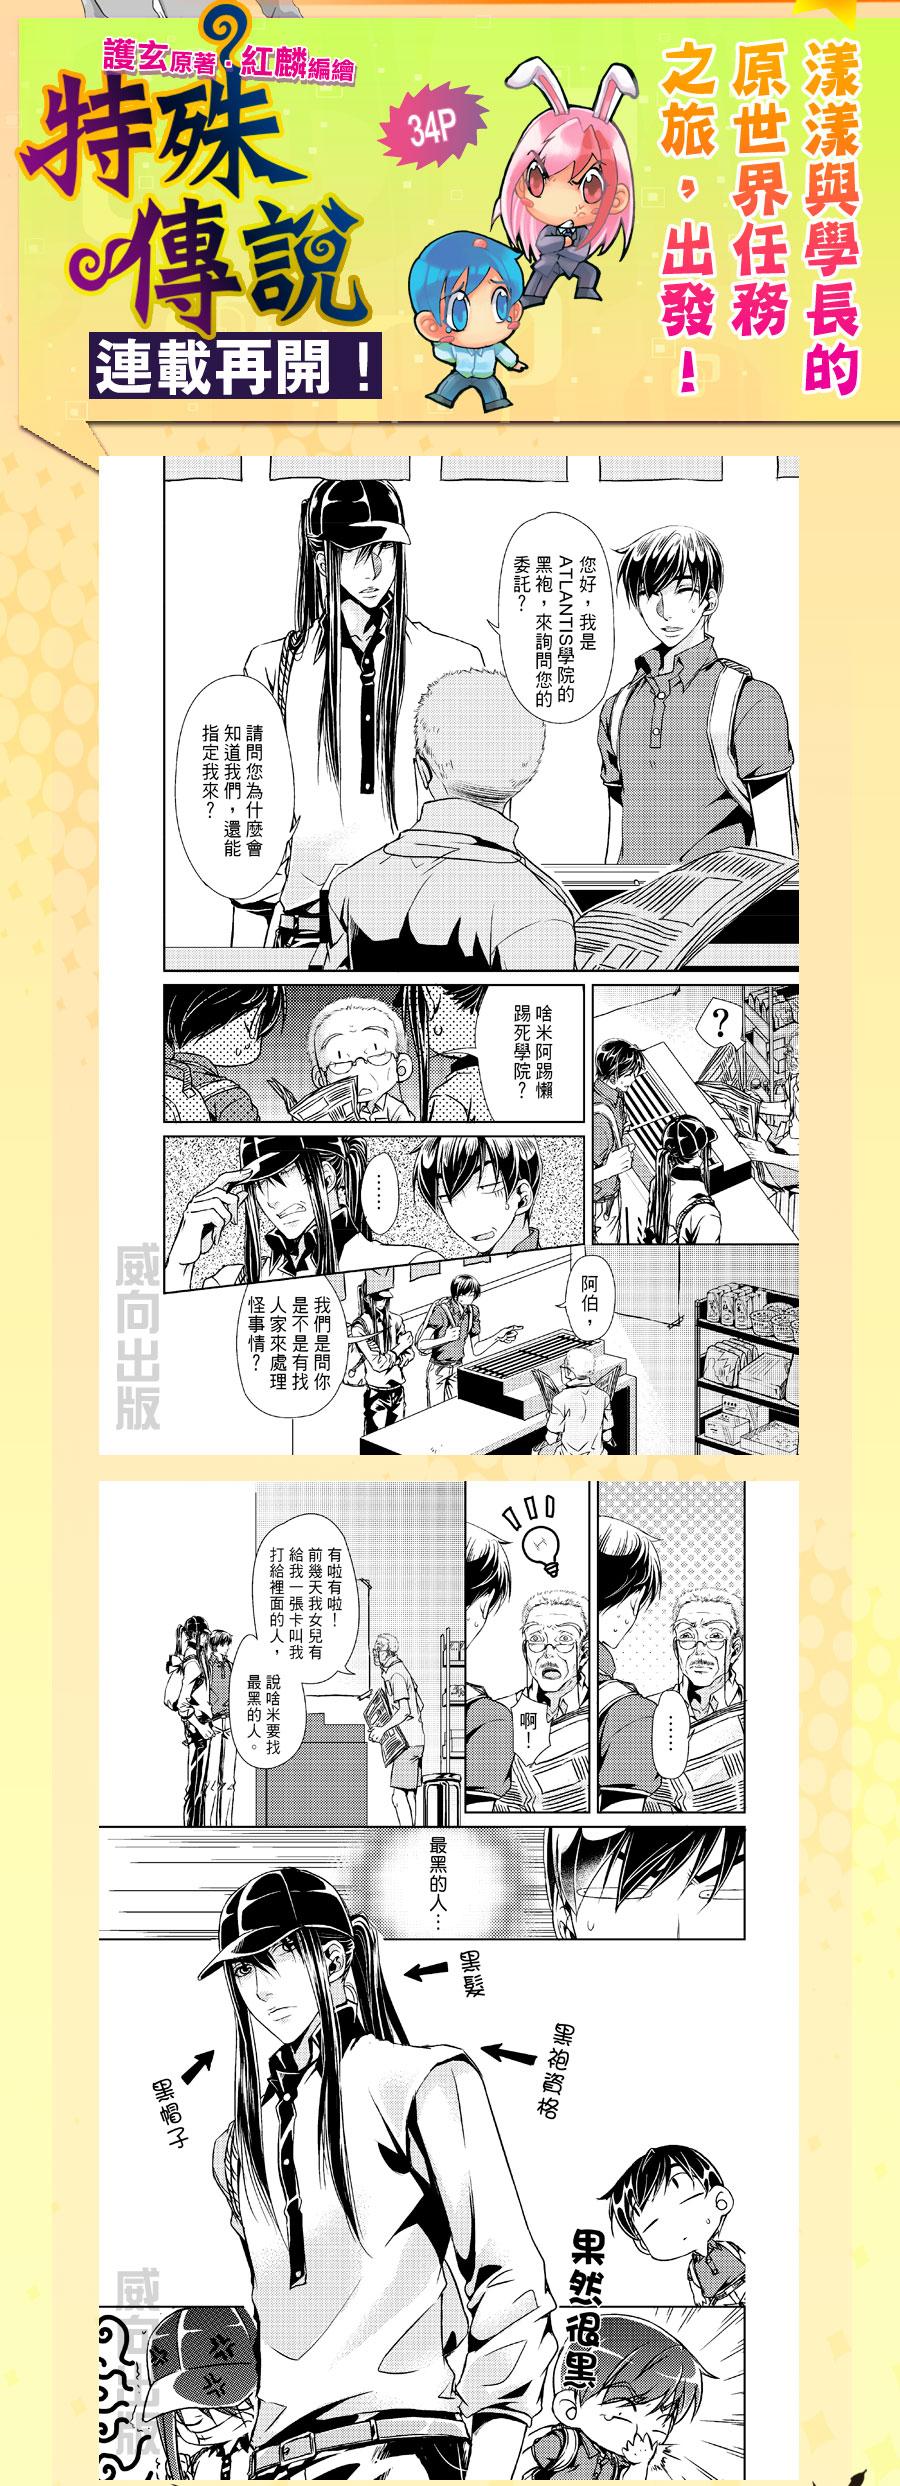 《特殊传说》漫画回归《可米志》 - 红麟 -